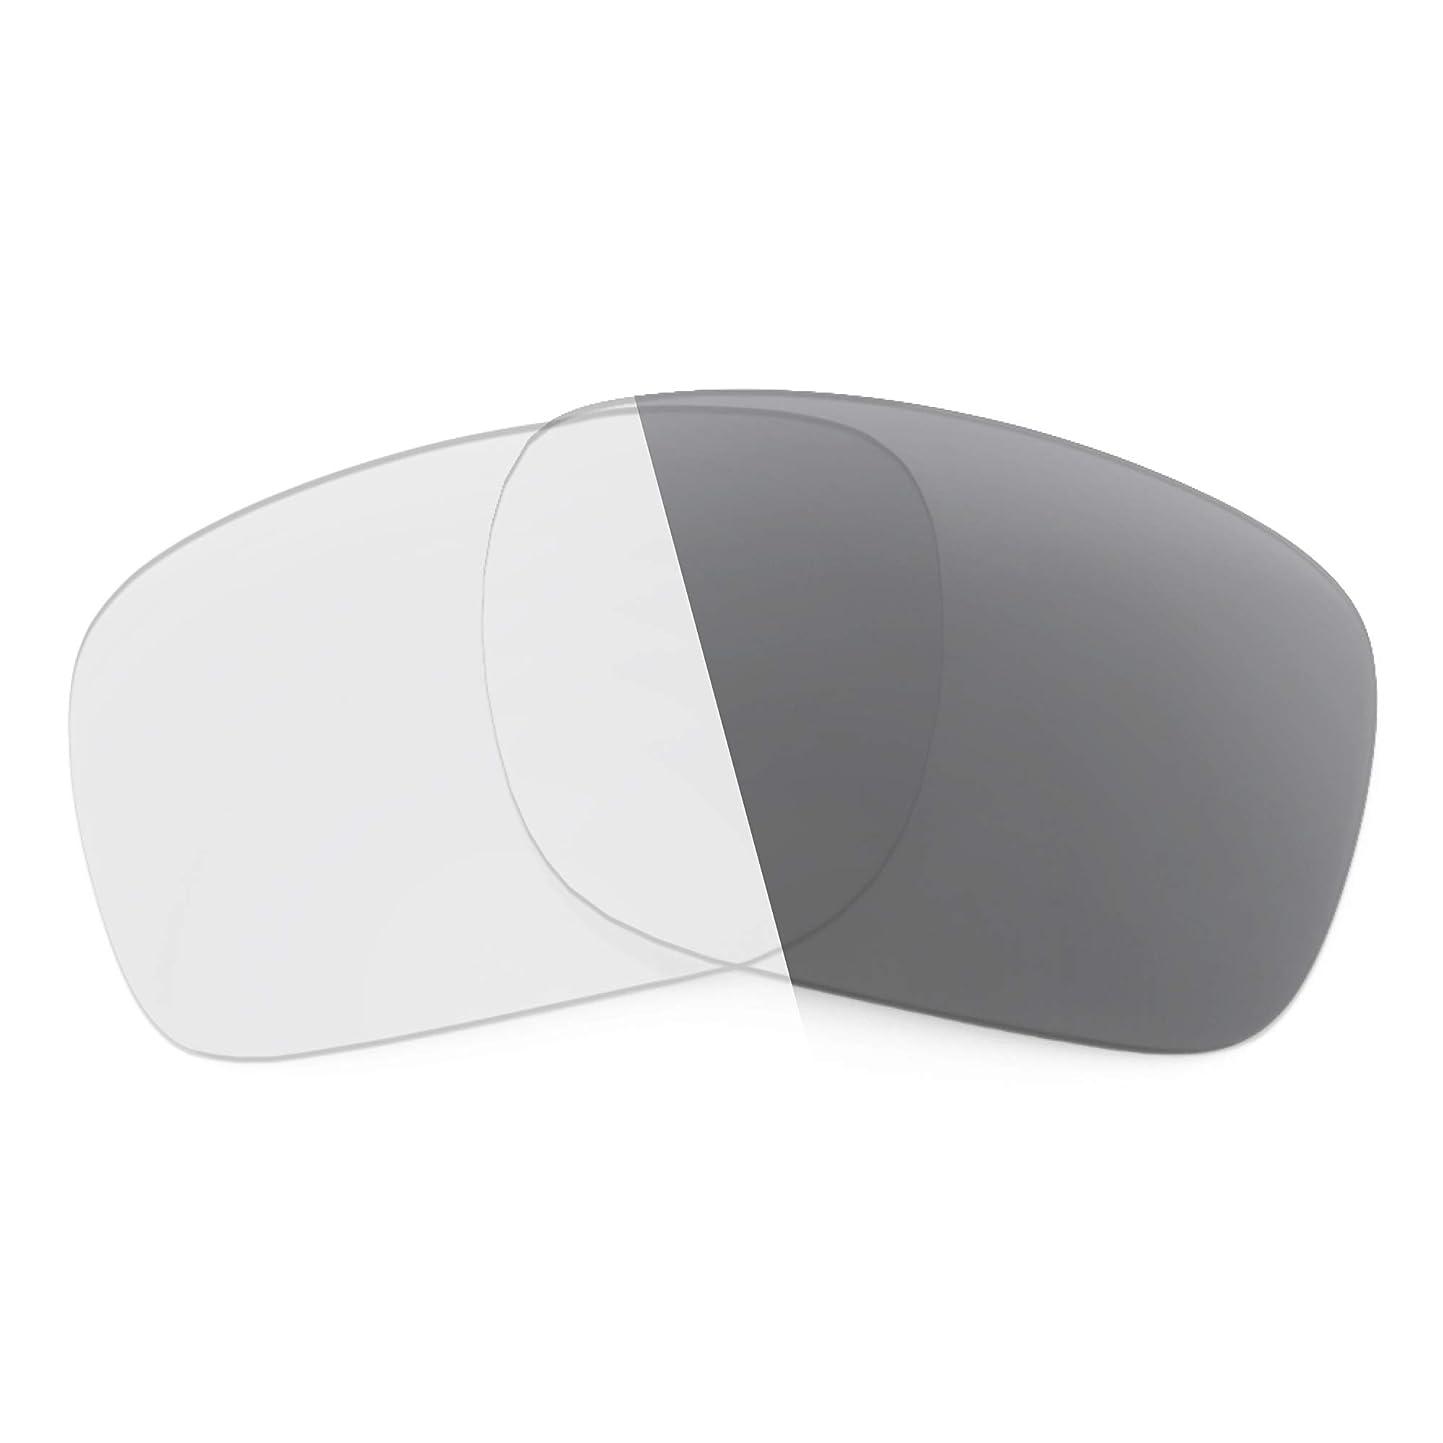 慢群がるジャンピングジャックRay-Ban RB3530 58mm用交換レンズ、Ray-Ban RB3530 58mmのサングラスに対応